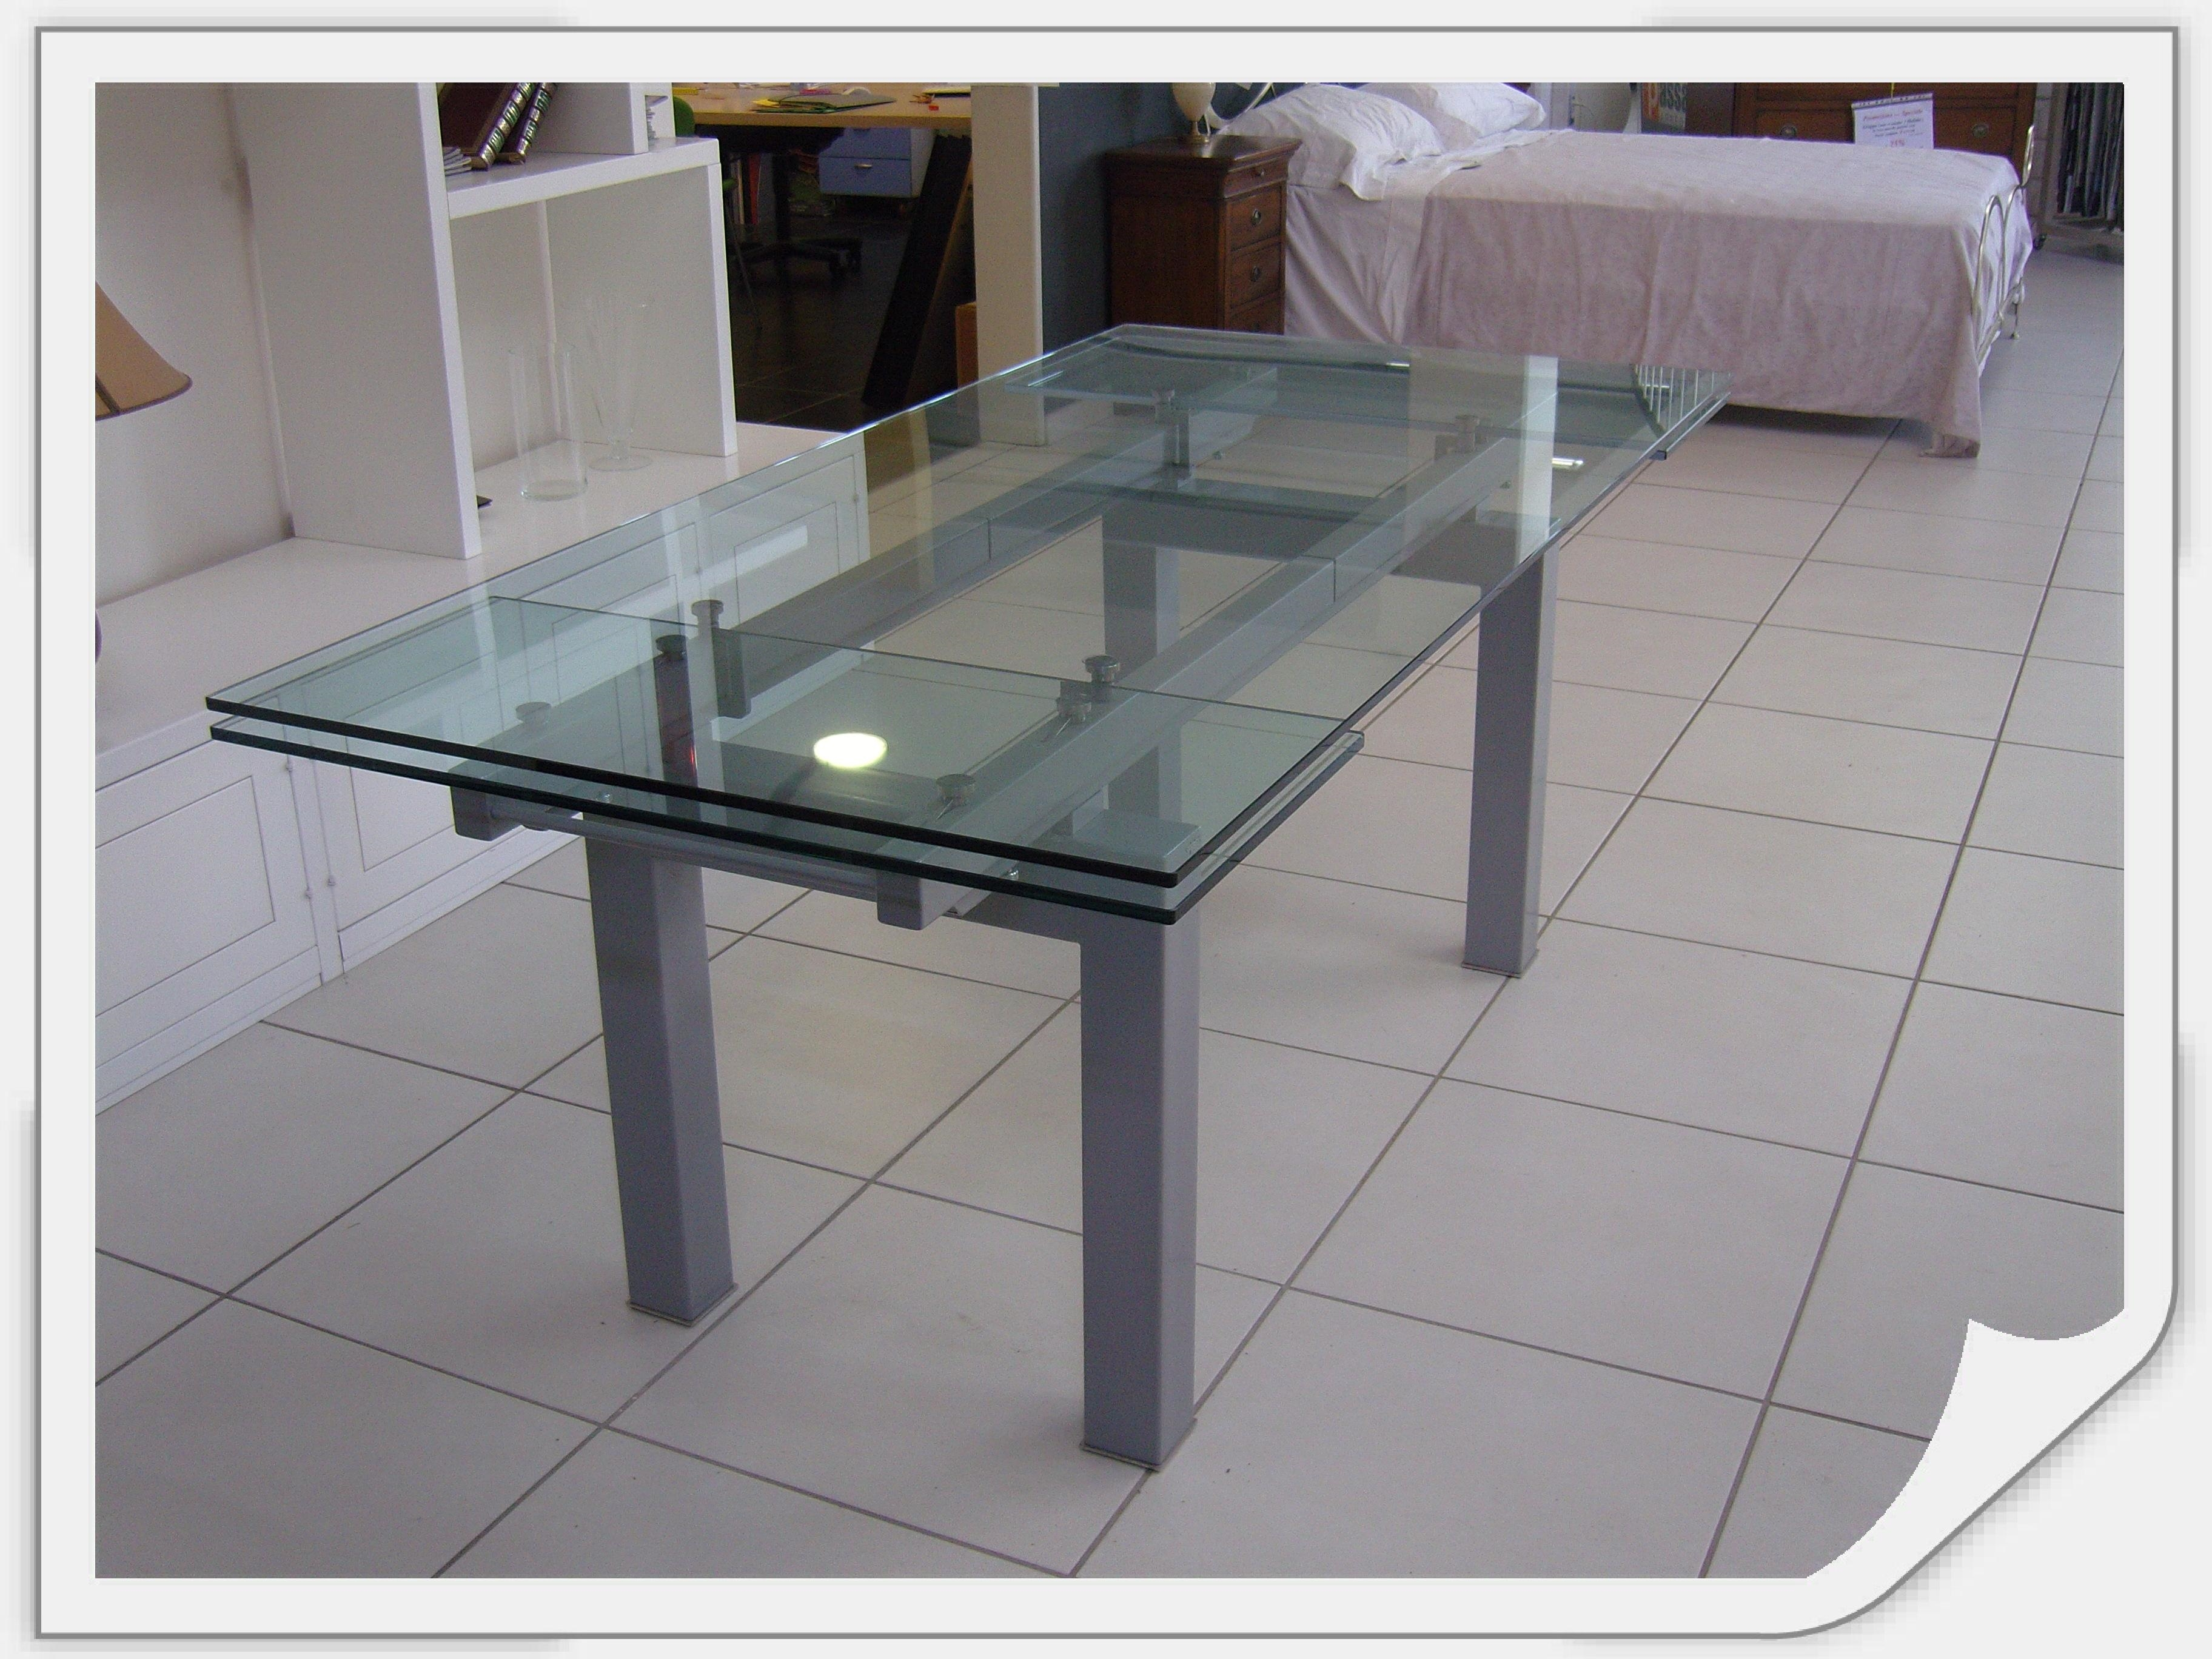 Cattelan tavolo smart tavolo vetro allungabile scontato - Tavolo di vetro ...